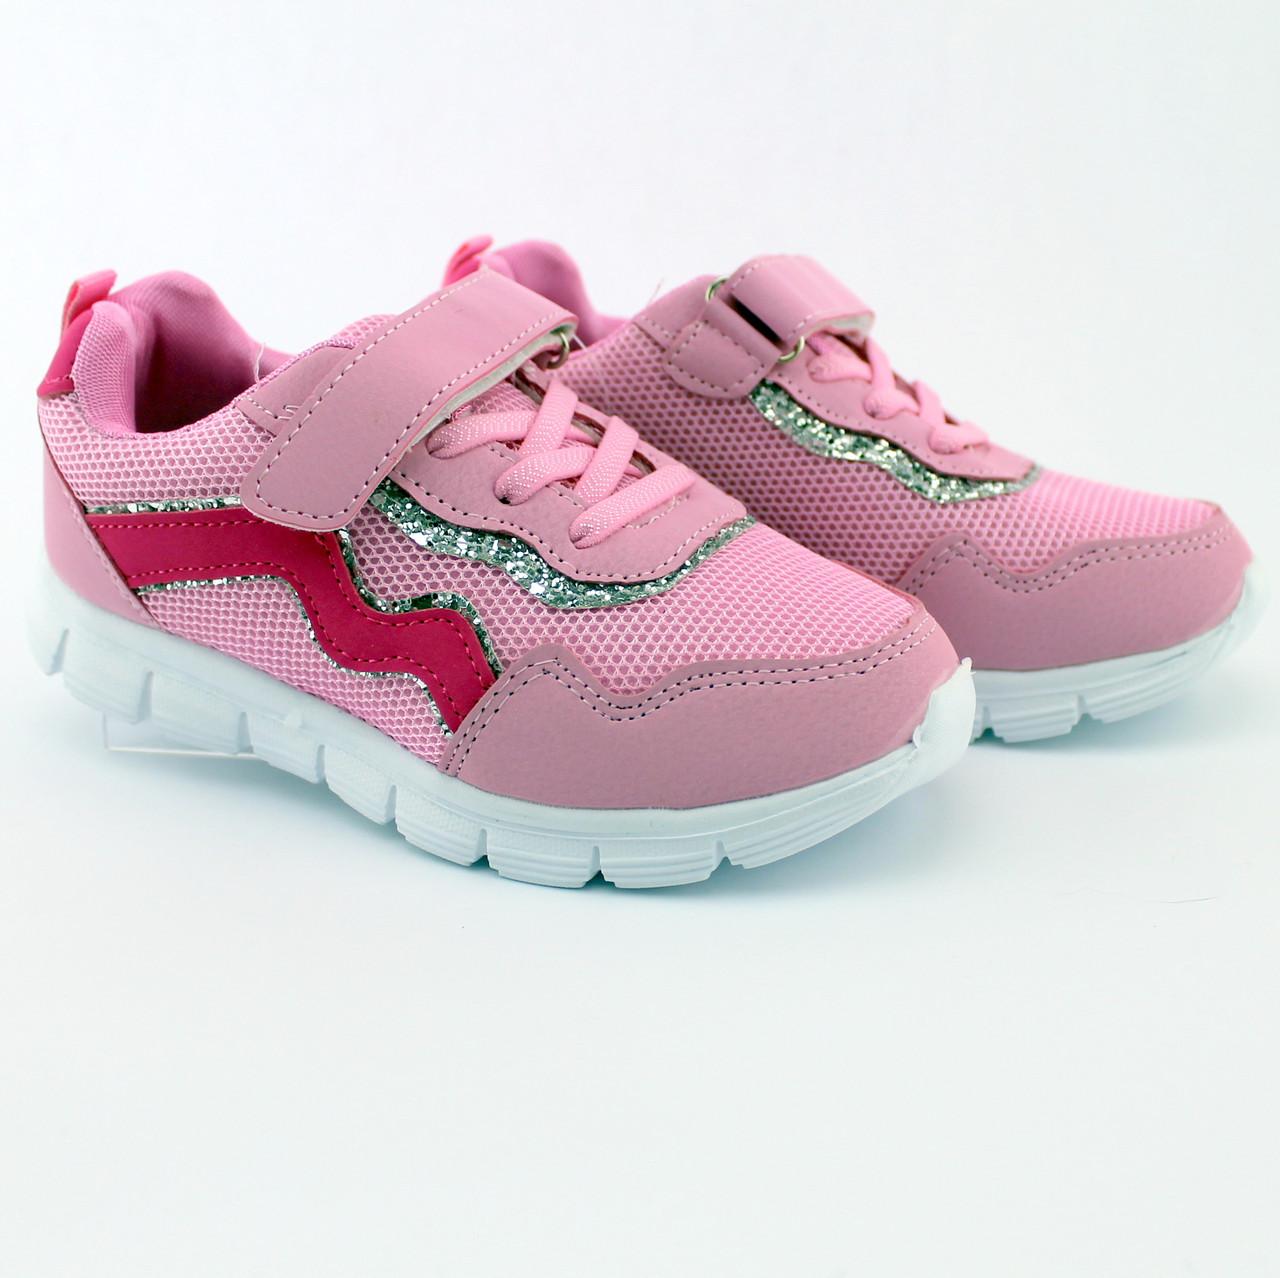 025b10fd Детские кроссовки подростковые девочке тм Boyang размер 34,35,36,37 - Style